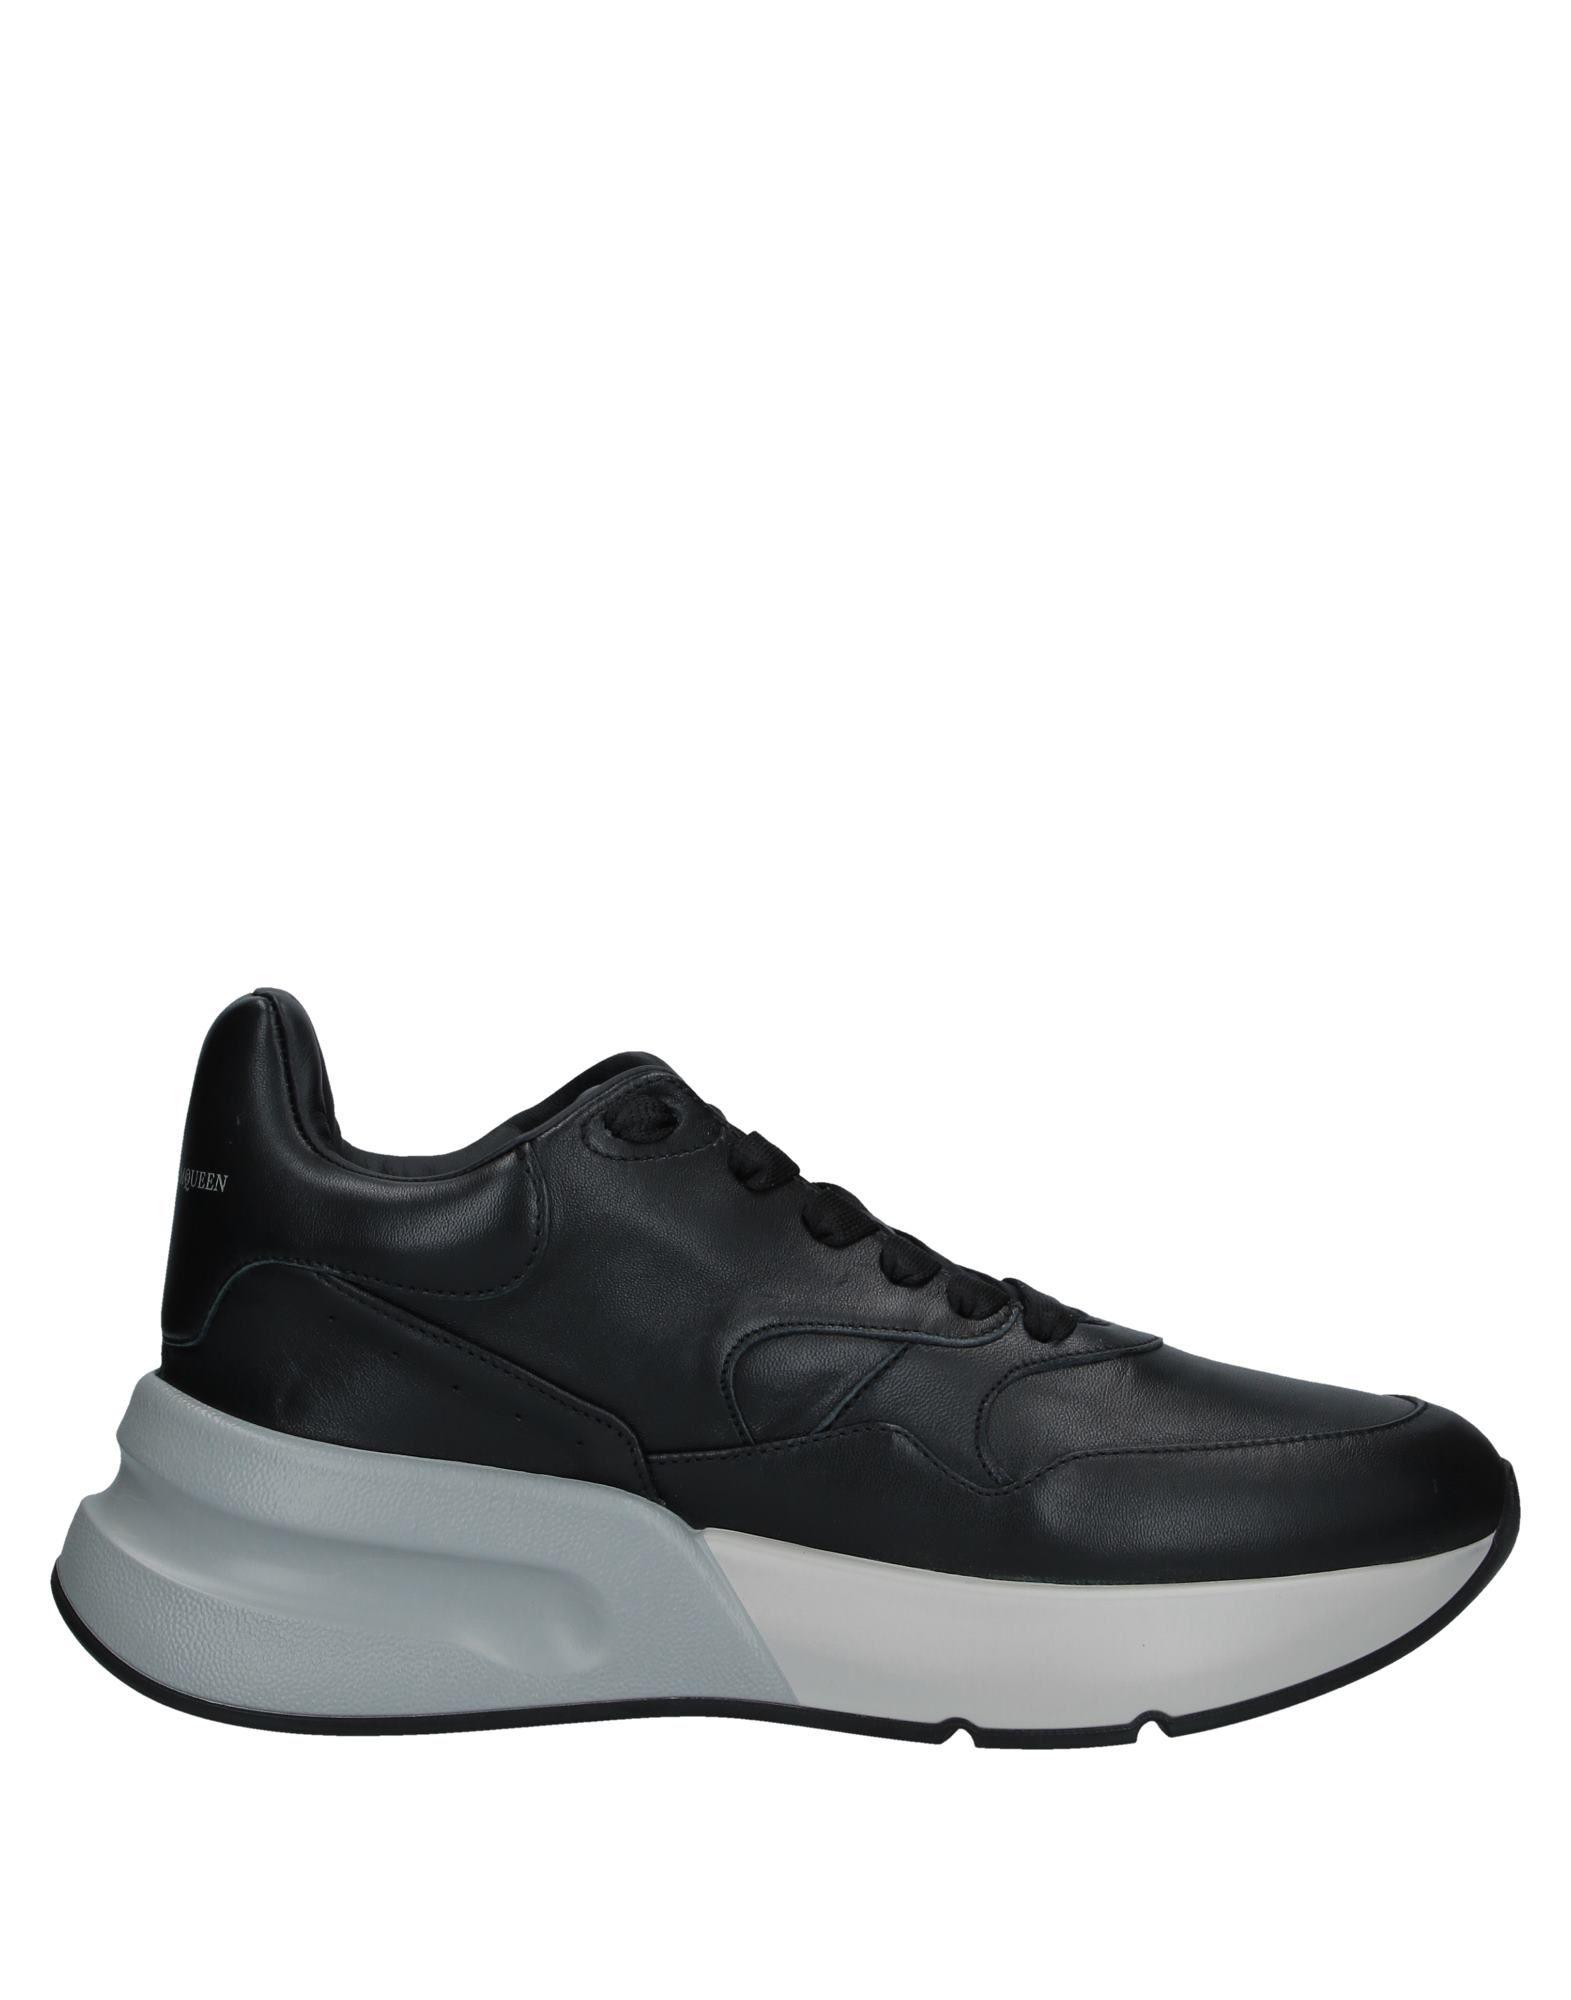 《送料無料》ALEXANDER MCQUEEN メンズ スニーカー&テニスシューズ(ローカット) ブラック 39.5 革